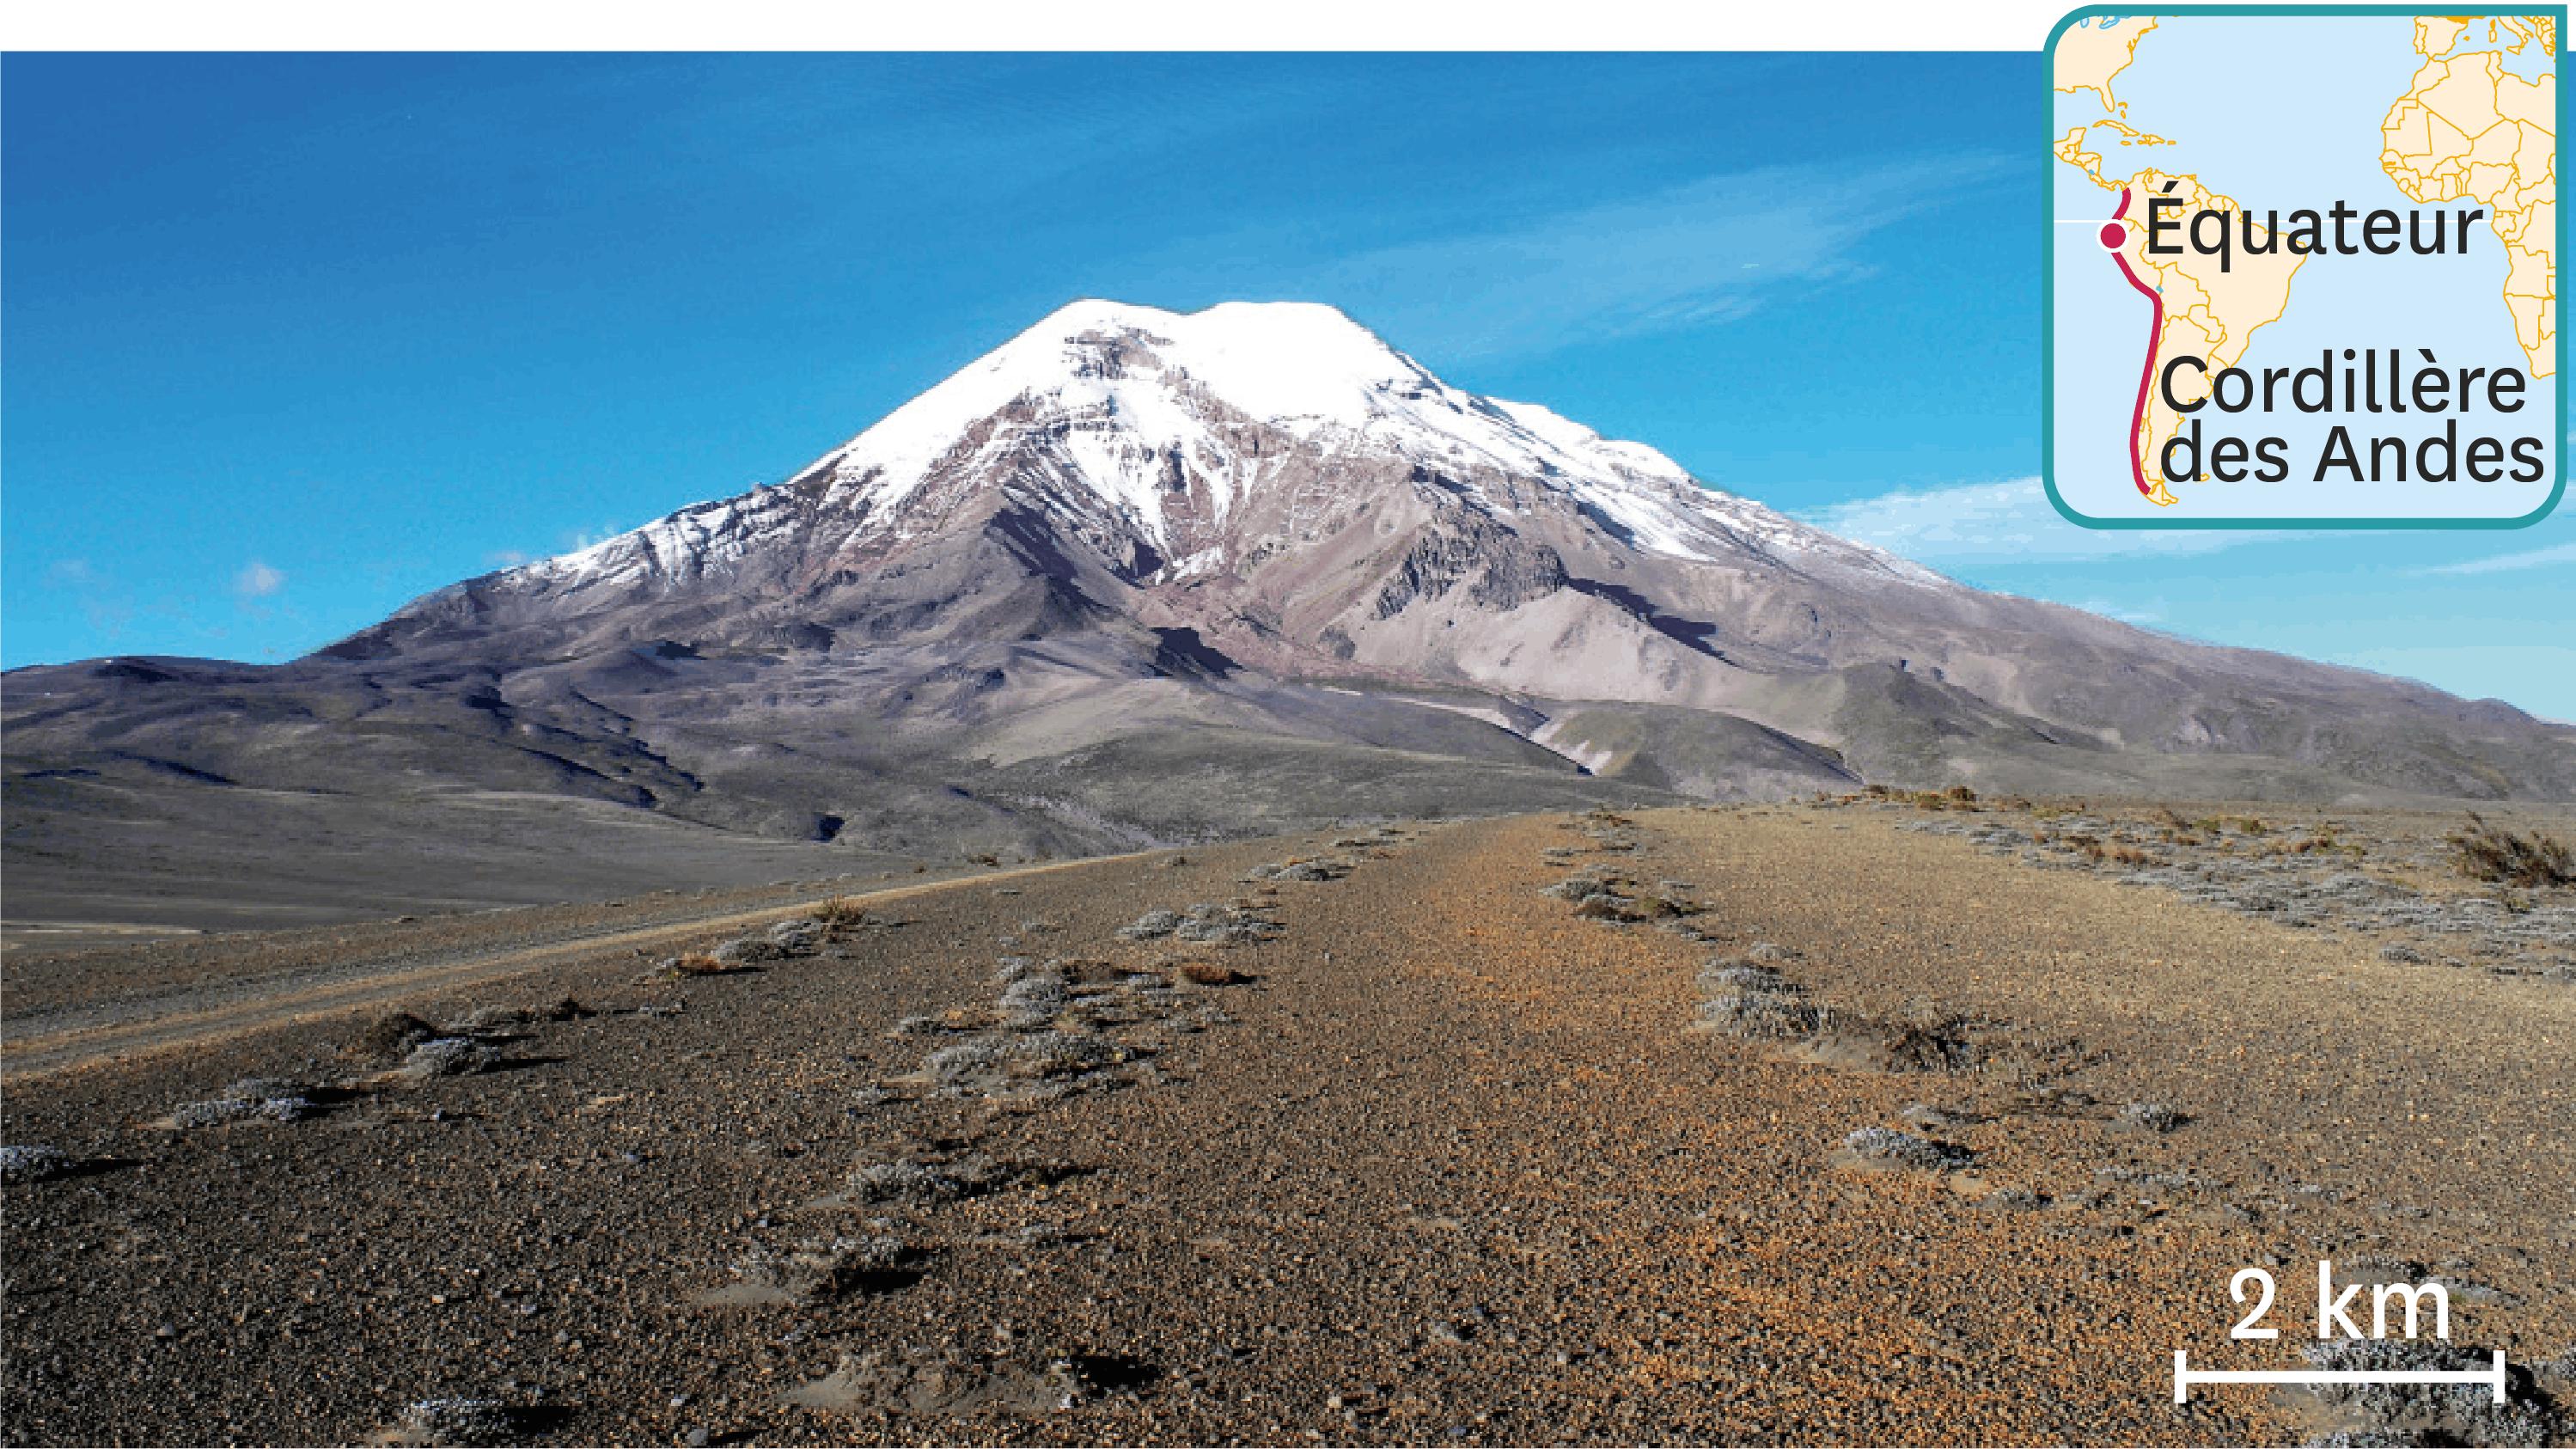 <stamp theme='svt-green1'>Doc. 5</stamp> Une photographie de la surface de la Terre dans la cordillère des Andes (Équateur).